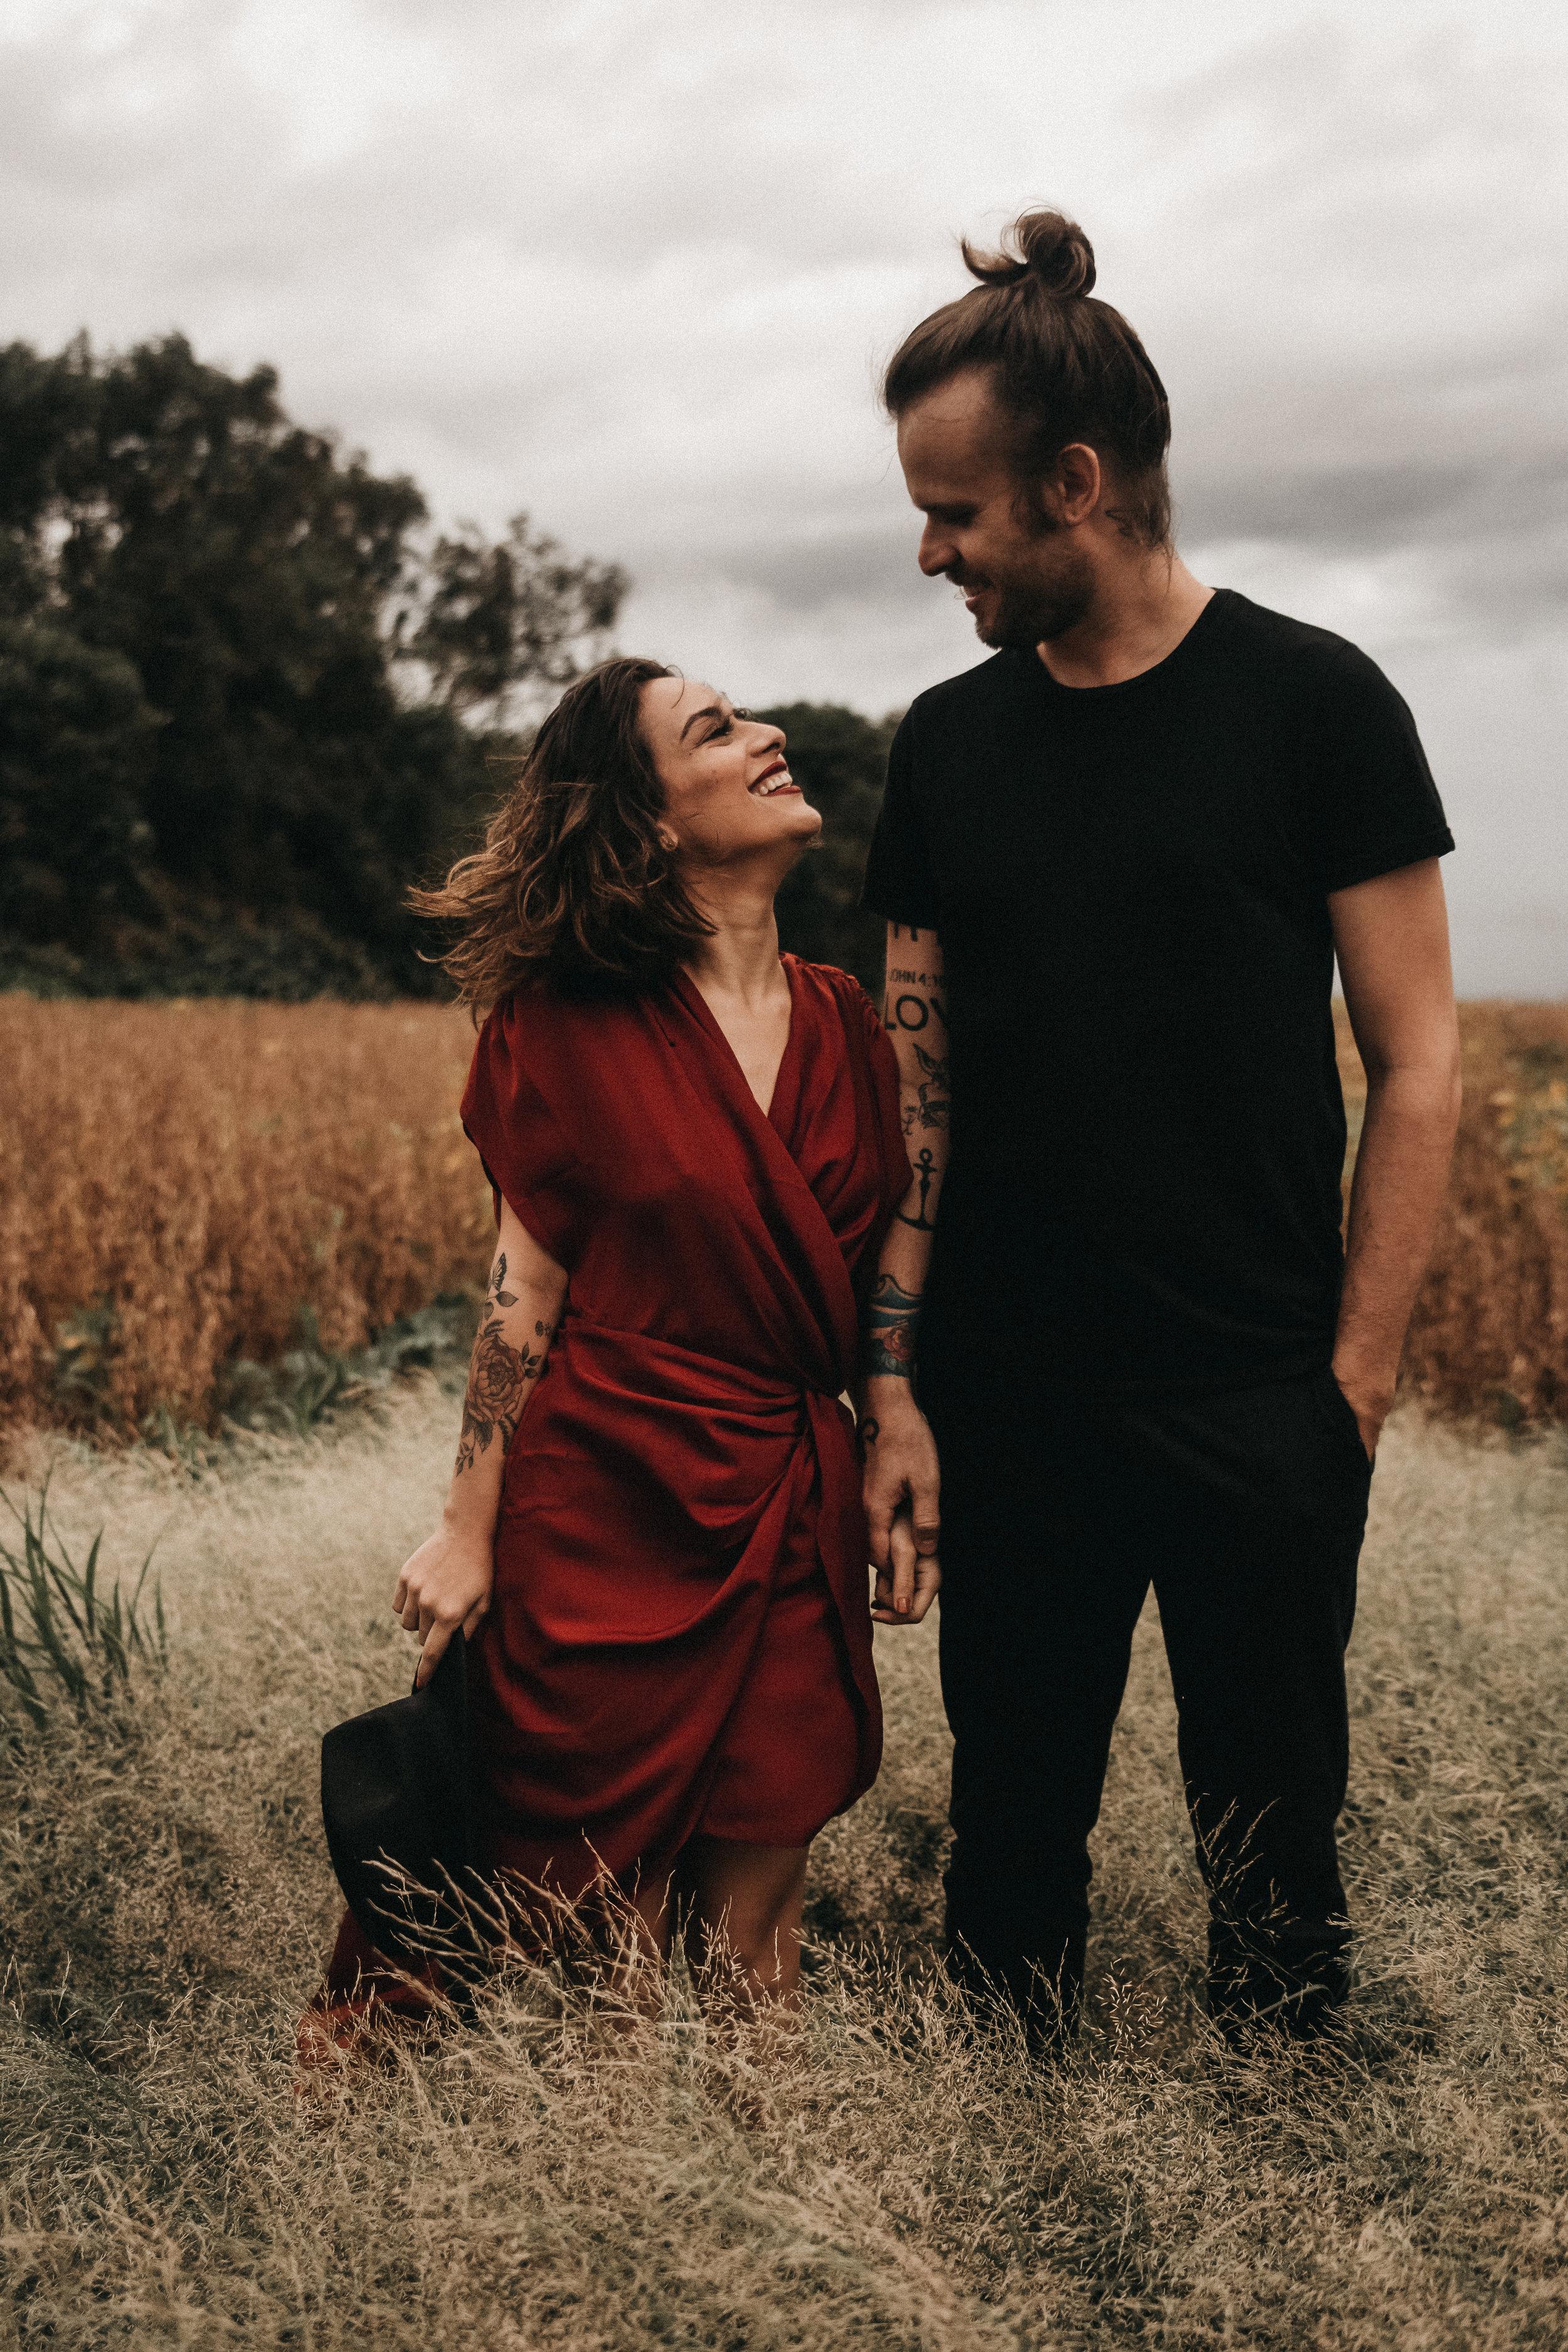 SOMOS HELÔ E WELL - Um casal sonhador que adora criar. Já passamos por uma das experiências mais lindas de nossas vidas: o dia do nosso casamento (outubro/2017). Amamos o nosso trabalho pois acreditamos na beleza amor.Nós valorizamos os momentos e as experiências mais intensas da vida. Acreditamos em uma criação de experiência para nossos clientes que revele uma emoção verdadeira e conte uma história, mas não uma história qualquer - a sua história. Queremos capturar os detalhes que tornam seu amor especial e único. Amamos momentos autênticos e sinceros.Esqueça aqueles filmes tradicional e clichê. Nosso objetivo é capturar o cru, o bagunçado, a emoção genuína, as lágrimas e as gargalhadas.